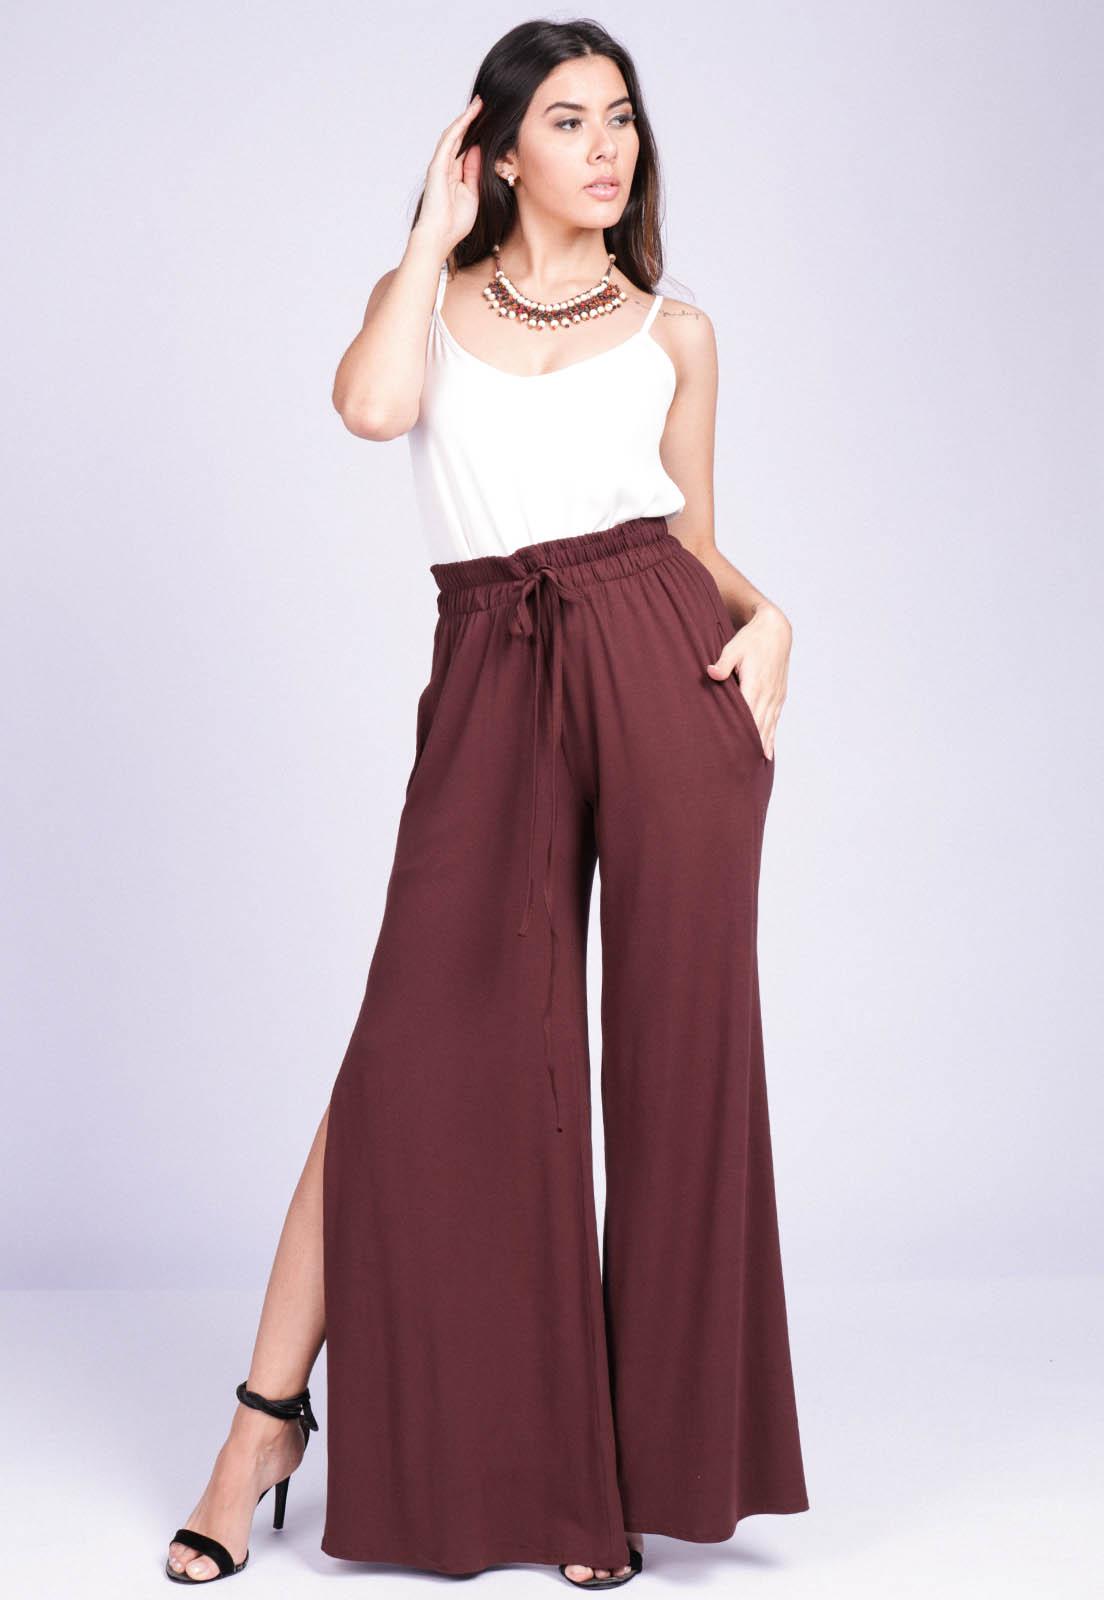 Calça Pantalona Malha com Fendas Marrom